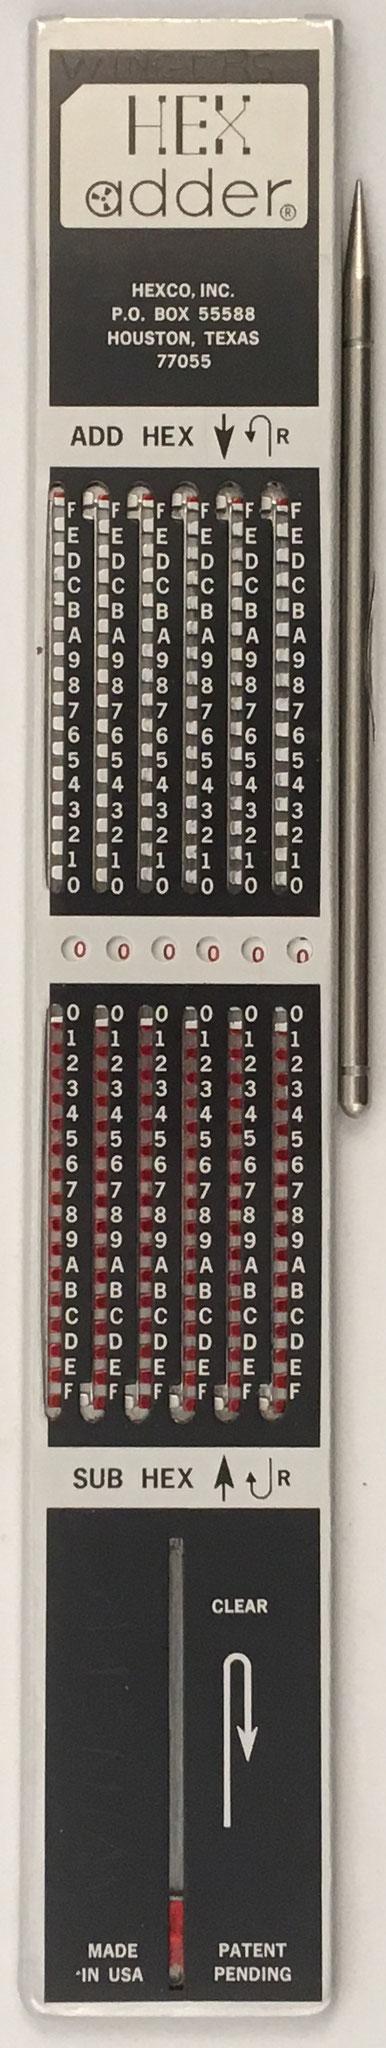 Addiator HEX adder, base 16 (o hexadecimal) para programadores del IBM-360 y otros ordenadores de 3ª generación, año 1968, 3.5x24 cm